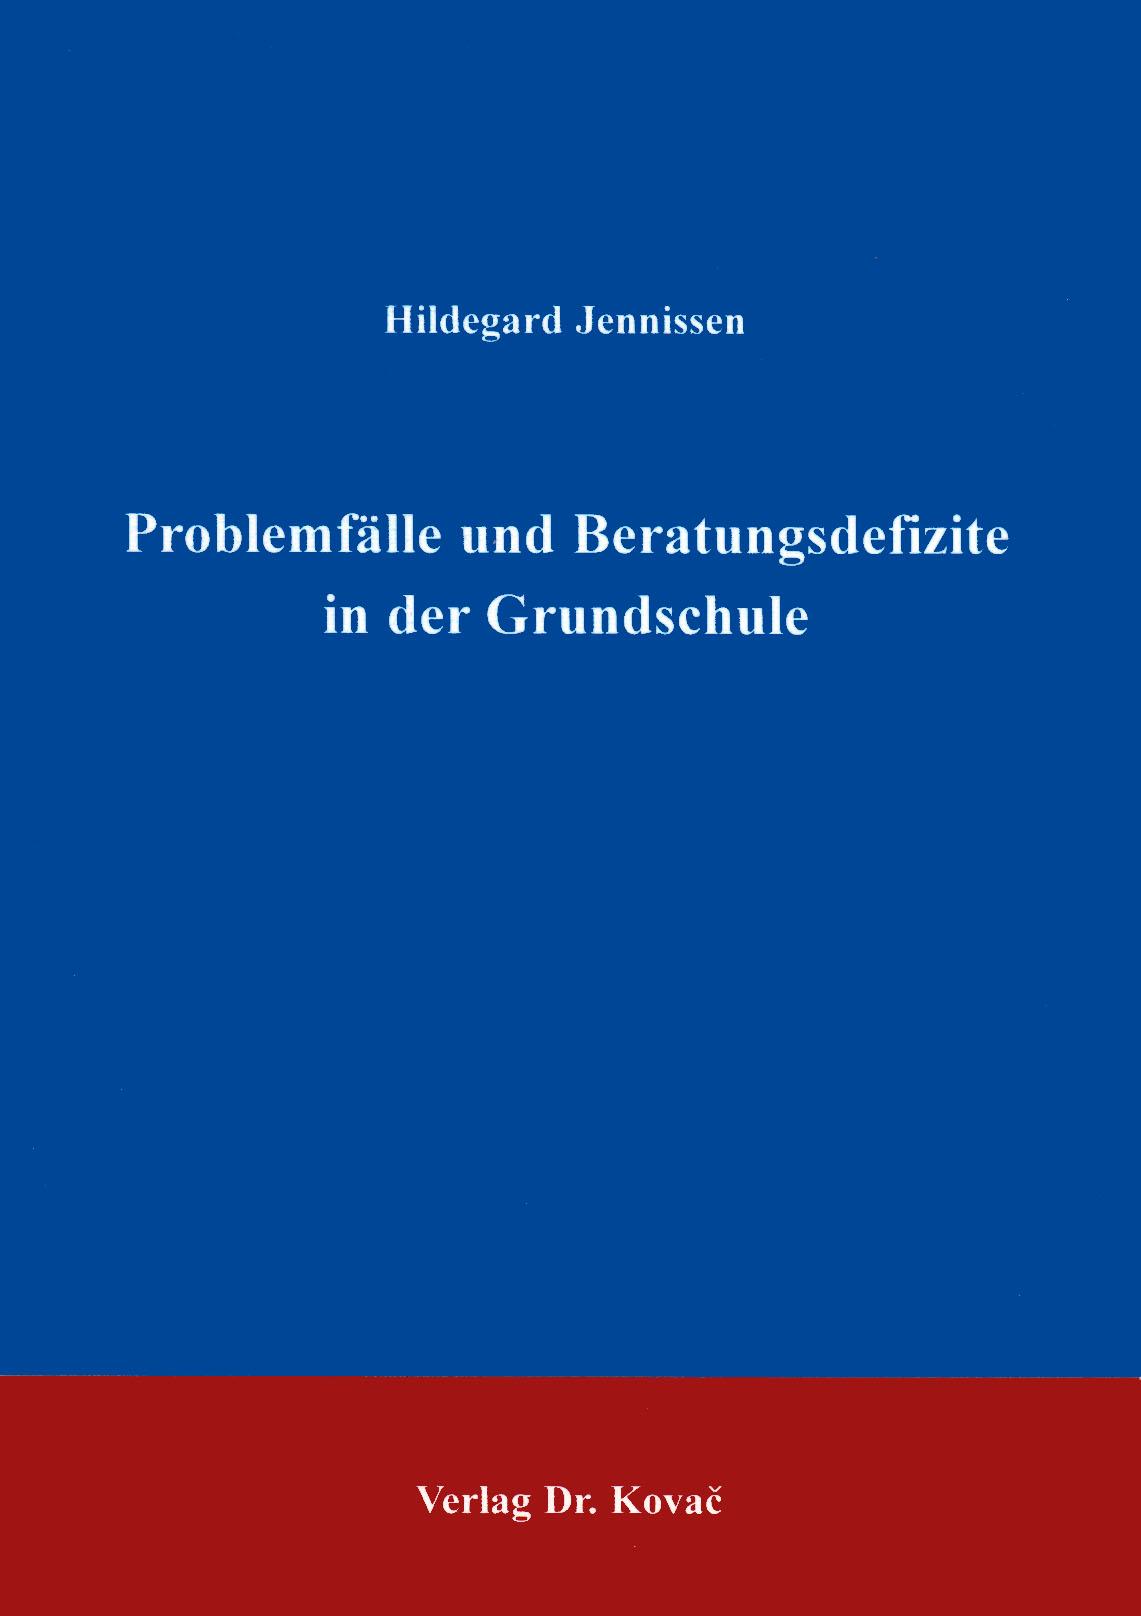 Cover: Problemfälle und Beratungsdefizite in der Grundschule